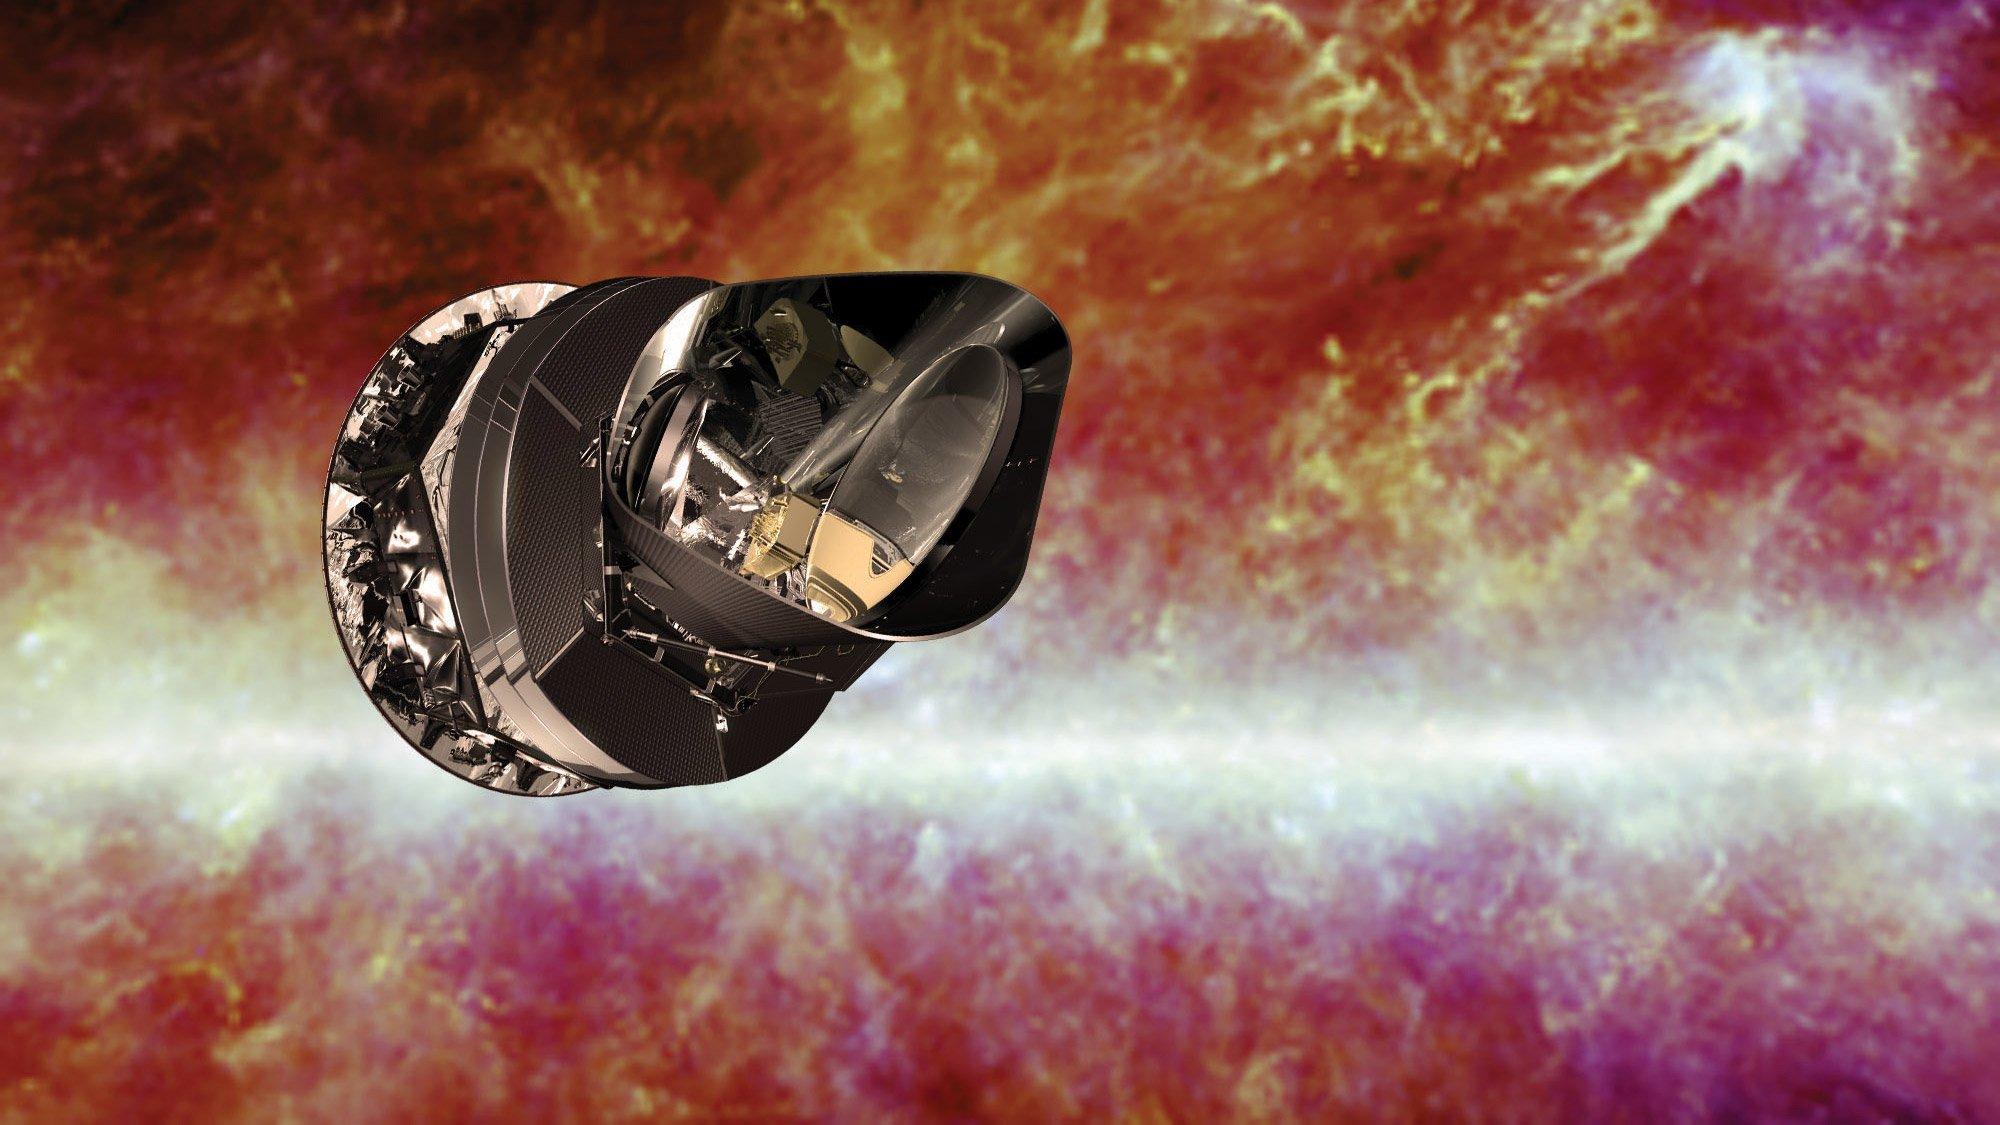 спутник планк обсерватория планк planck что такое тёмная материя, куда ведут черные дыры, и зачем нужна квантовая механика